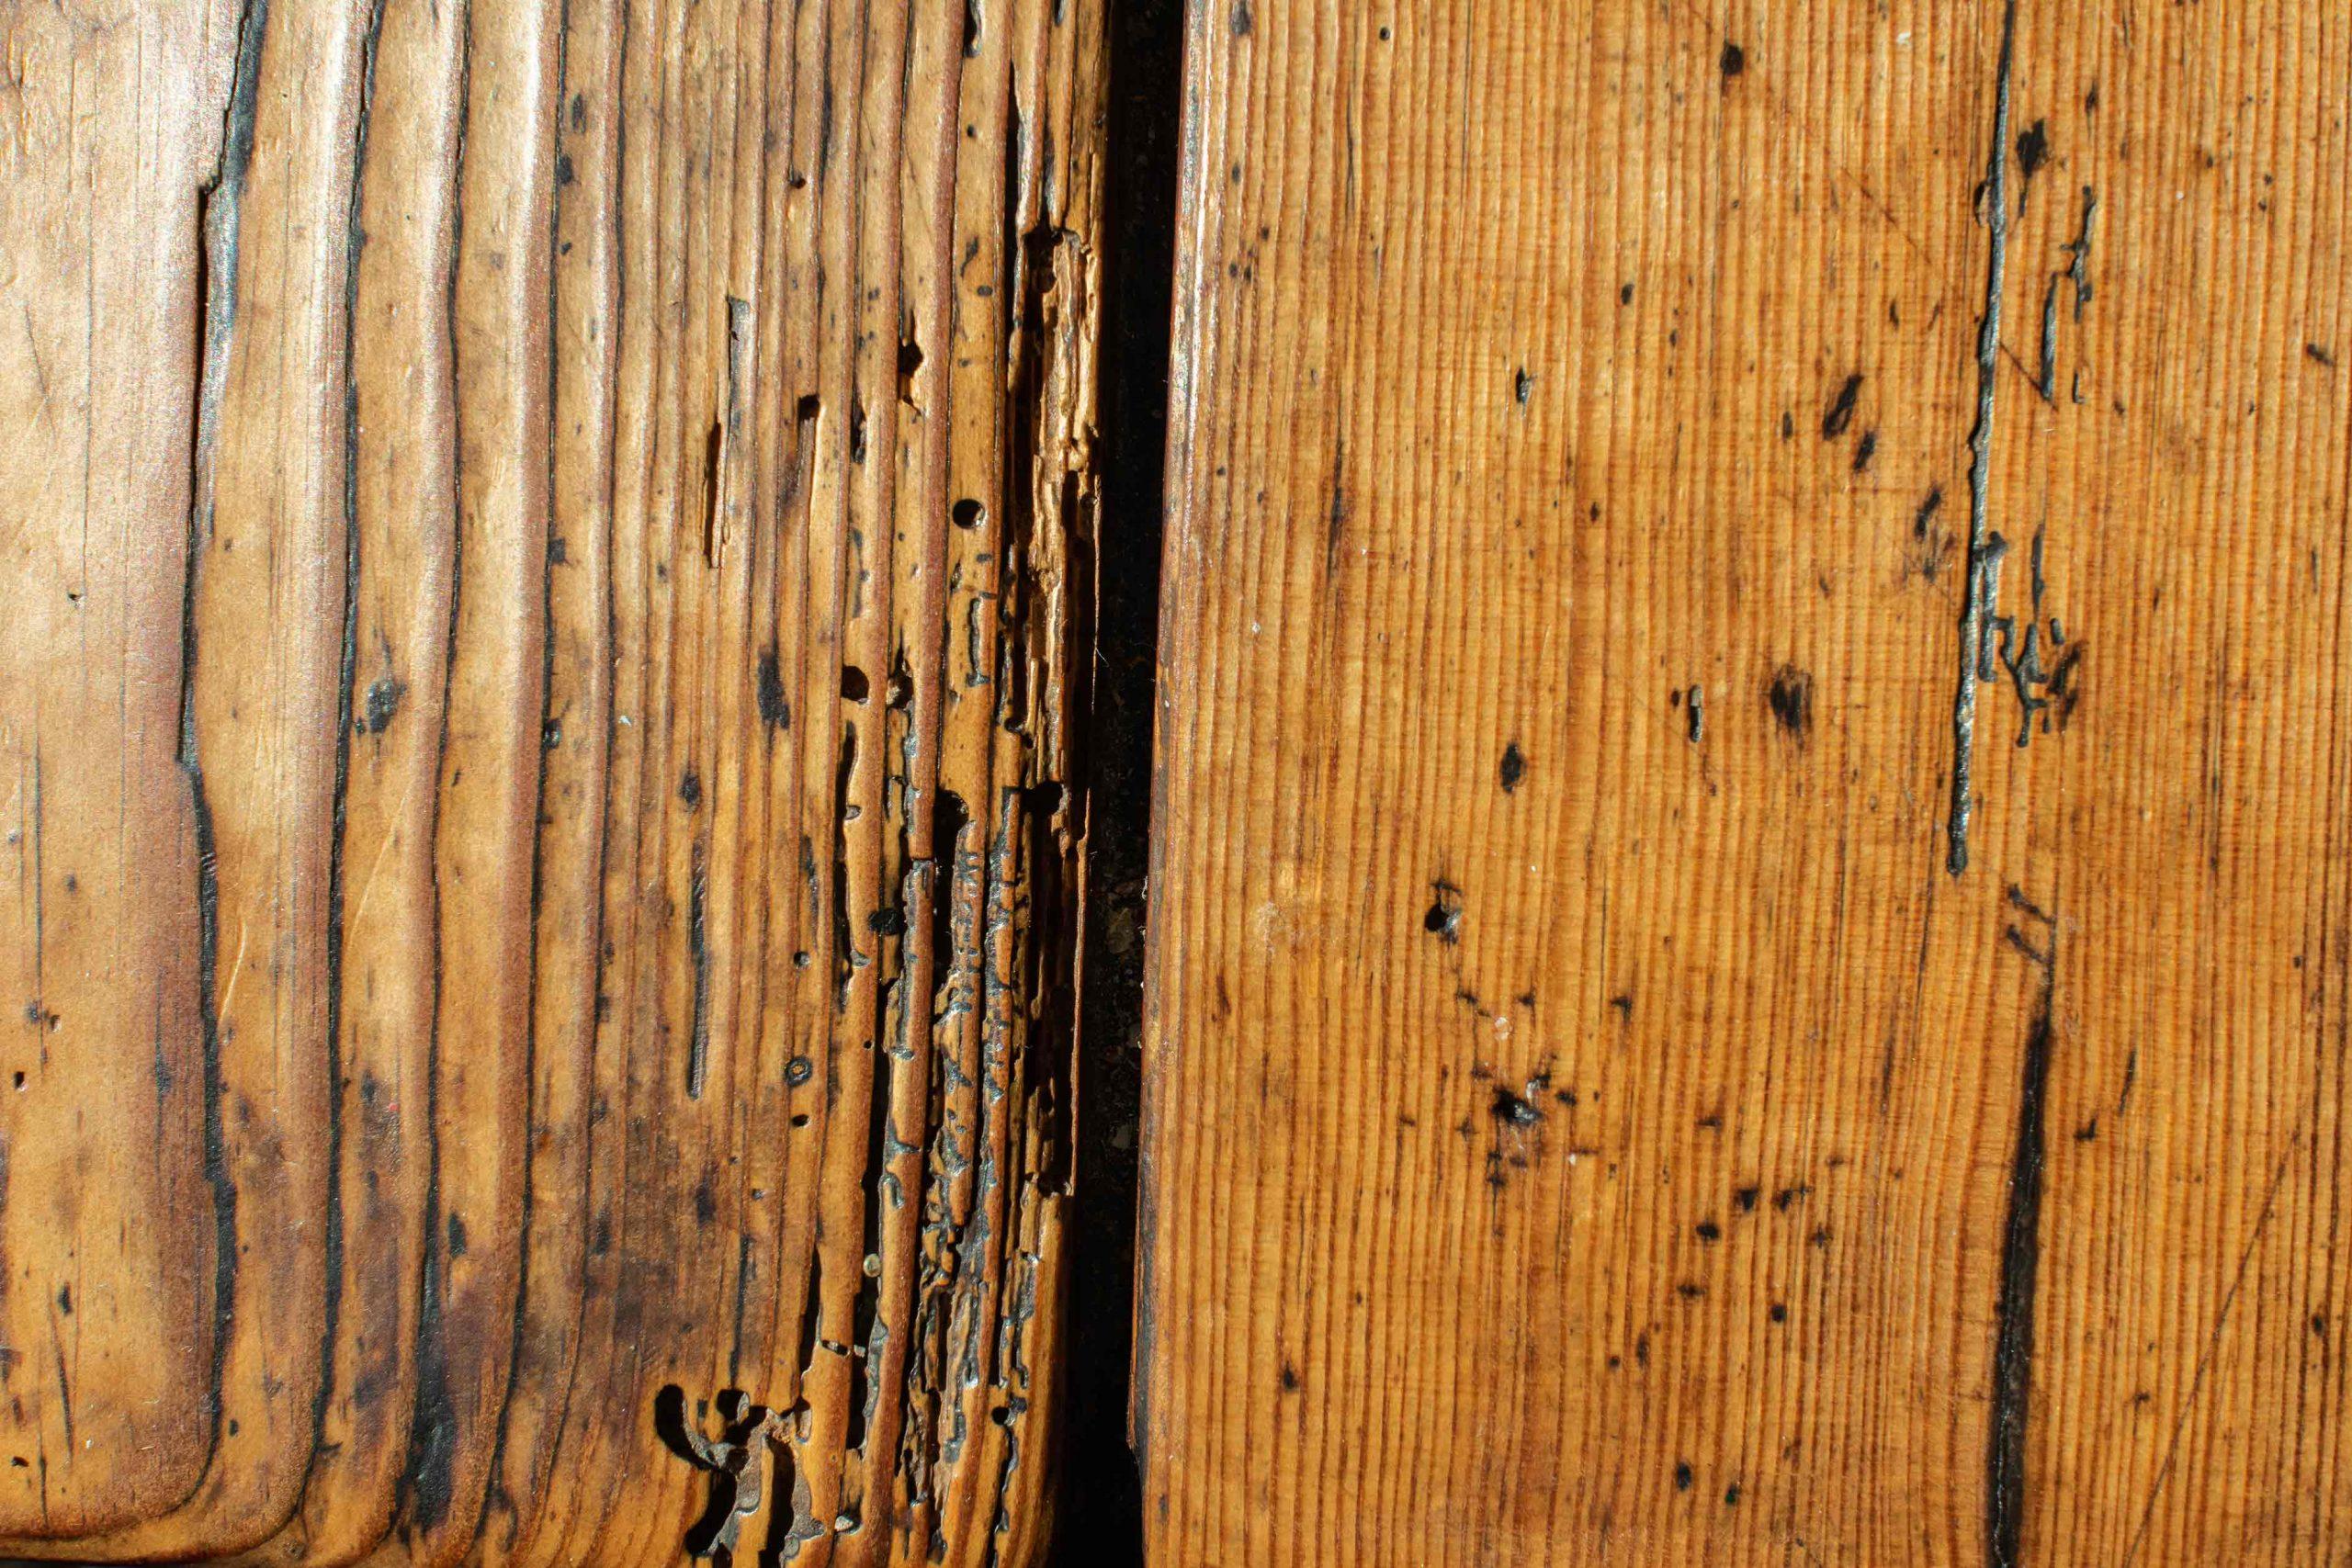 guter Tisch altes Holz Oberfläche Risse